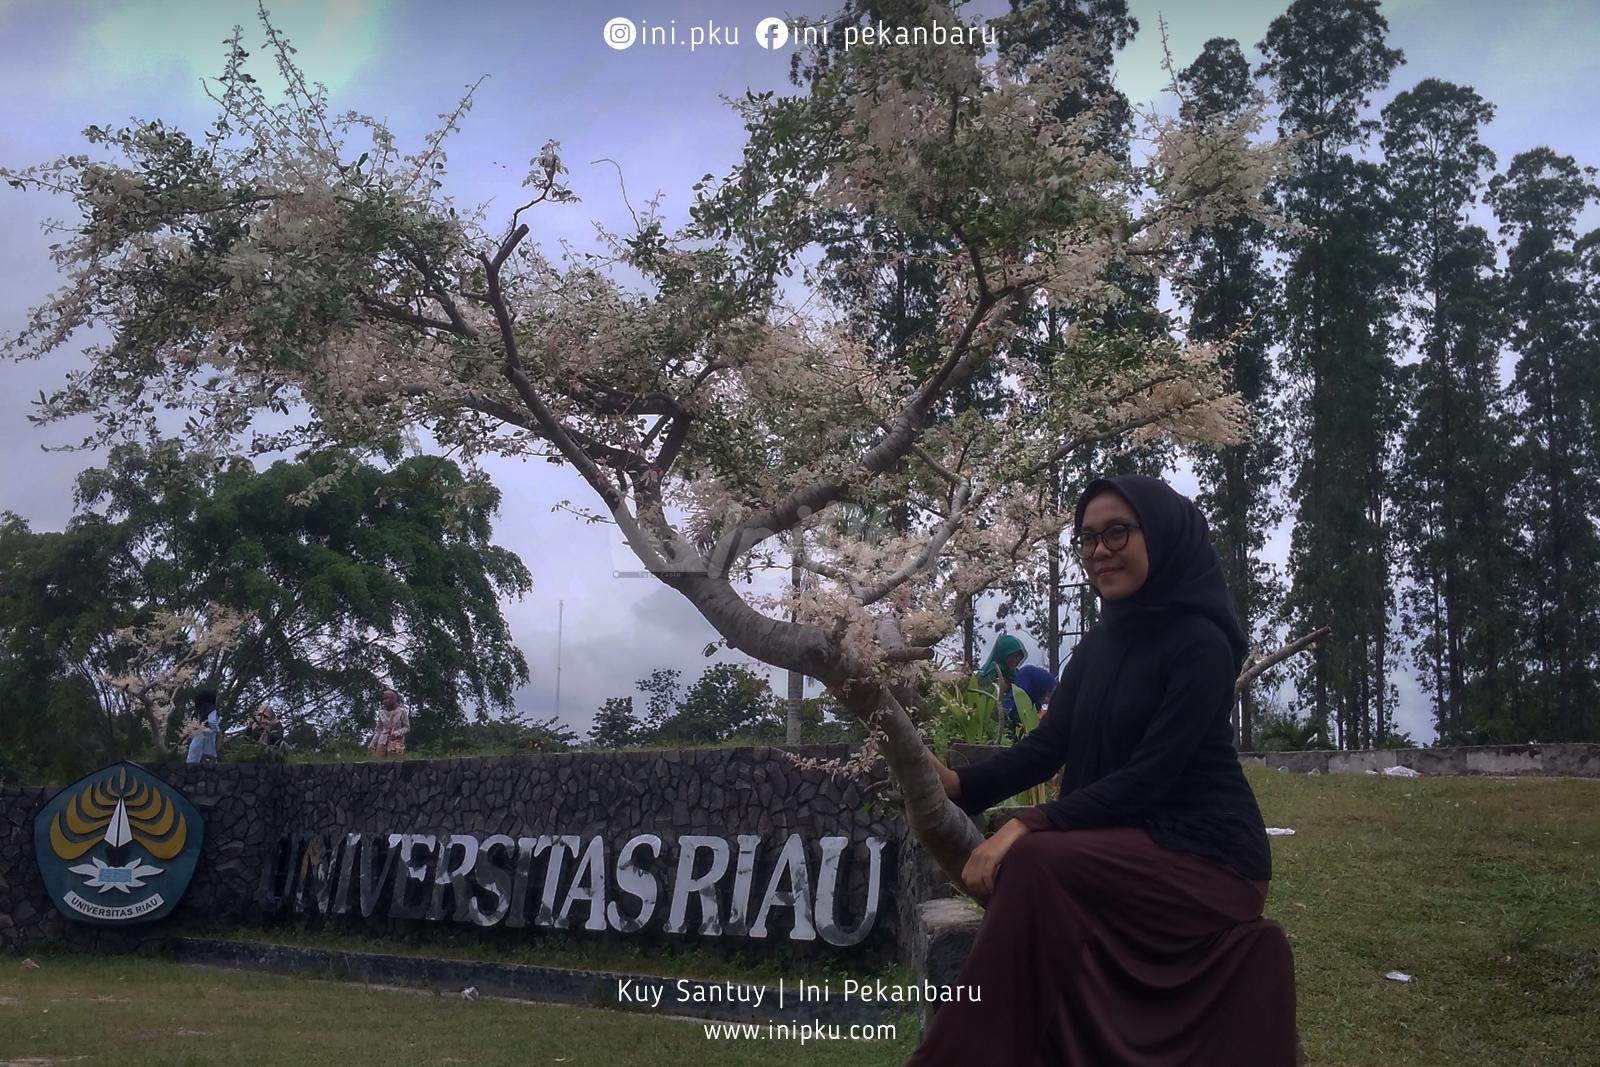 bunga sakura jepang spot foto di universitas riau kota pekanbaru